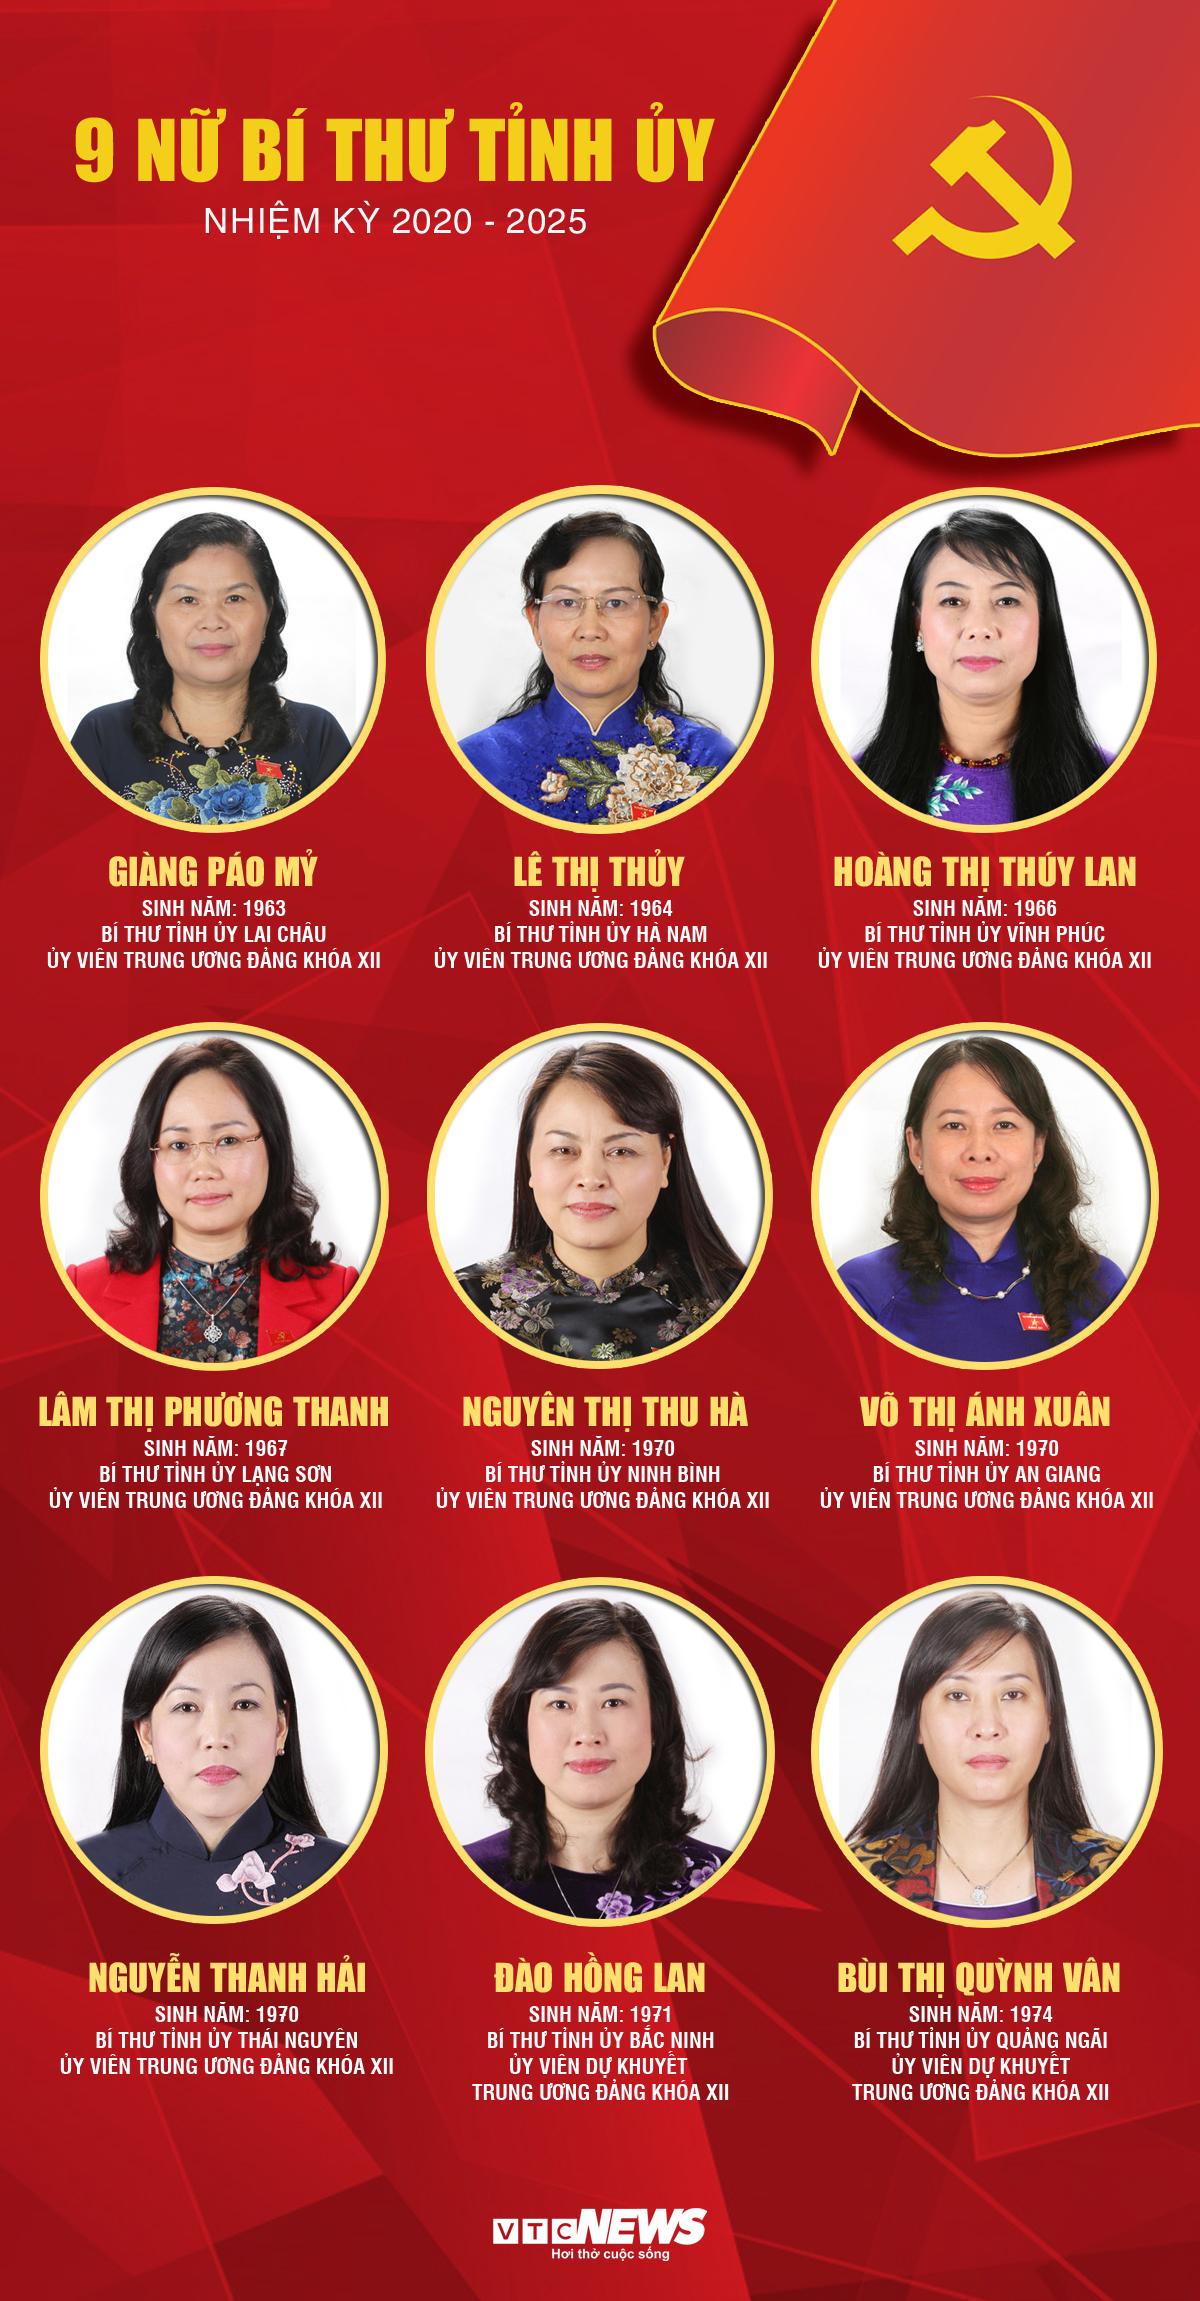 Infographic: Chân dung 9 nữ Bí thư Tỉnh ủy nhiệm kỳ 2020-2025 - 1